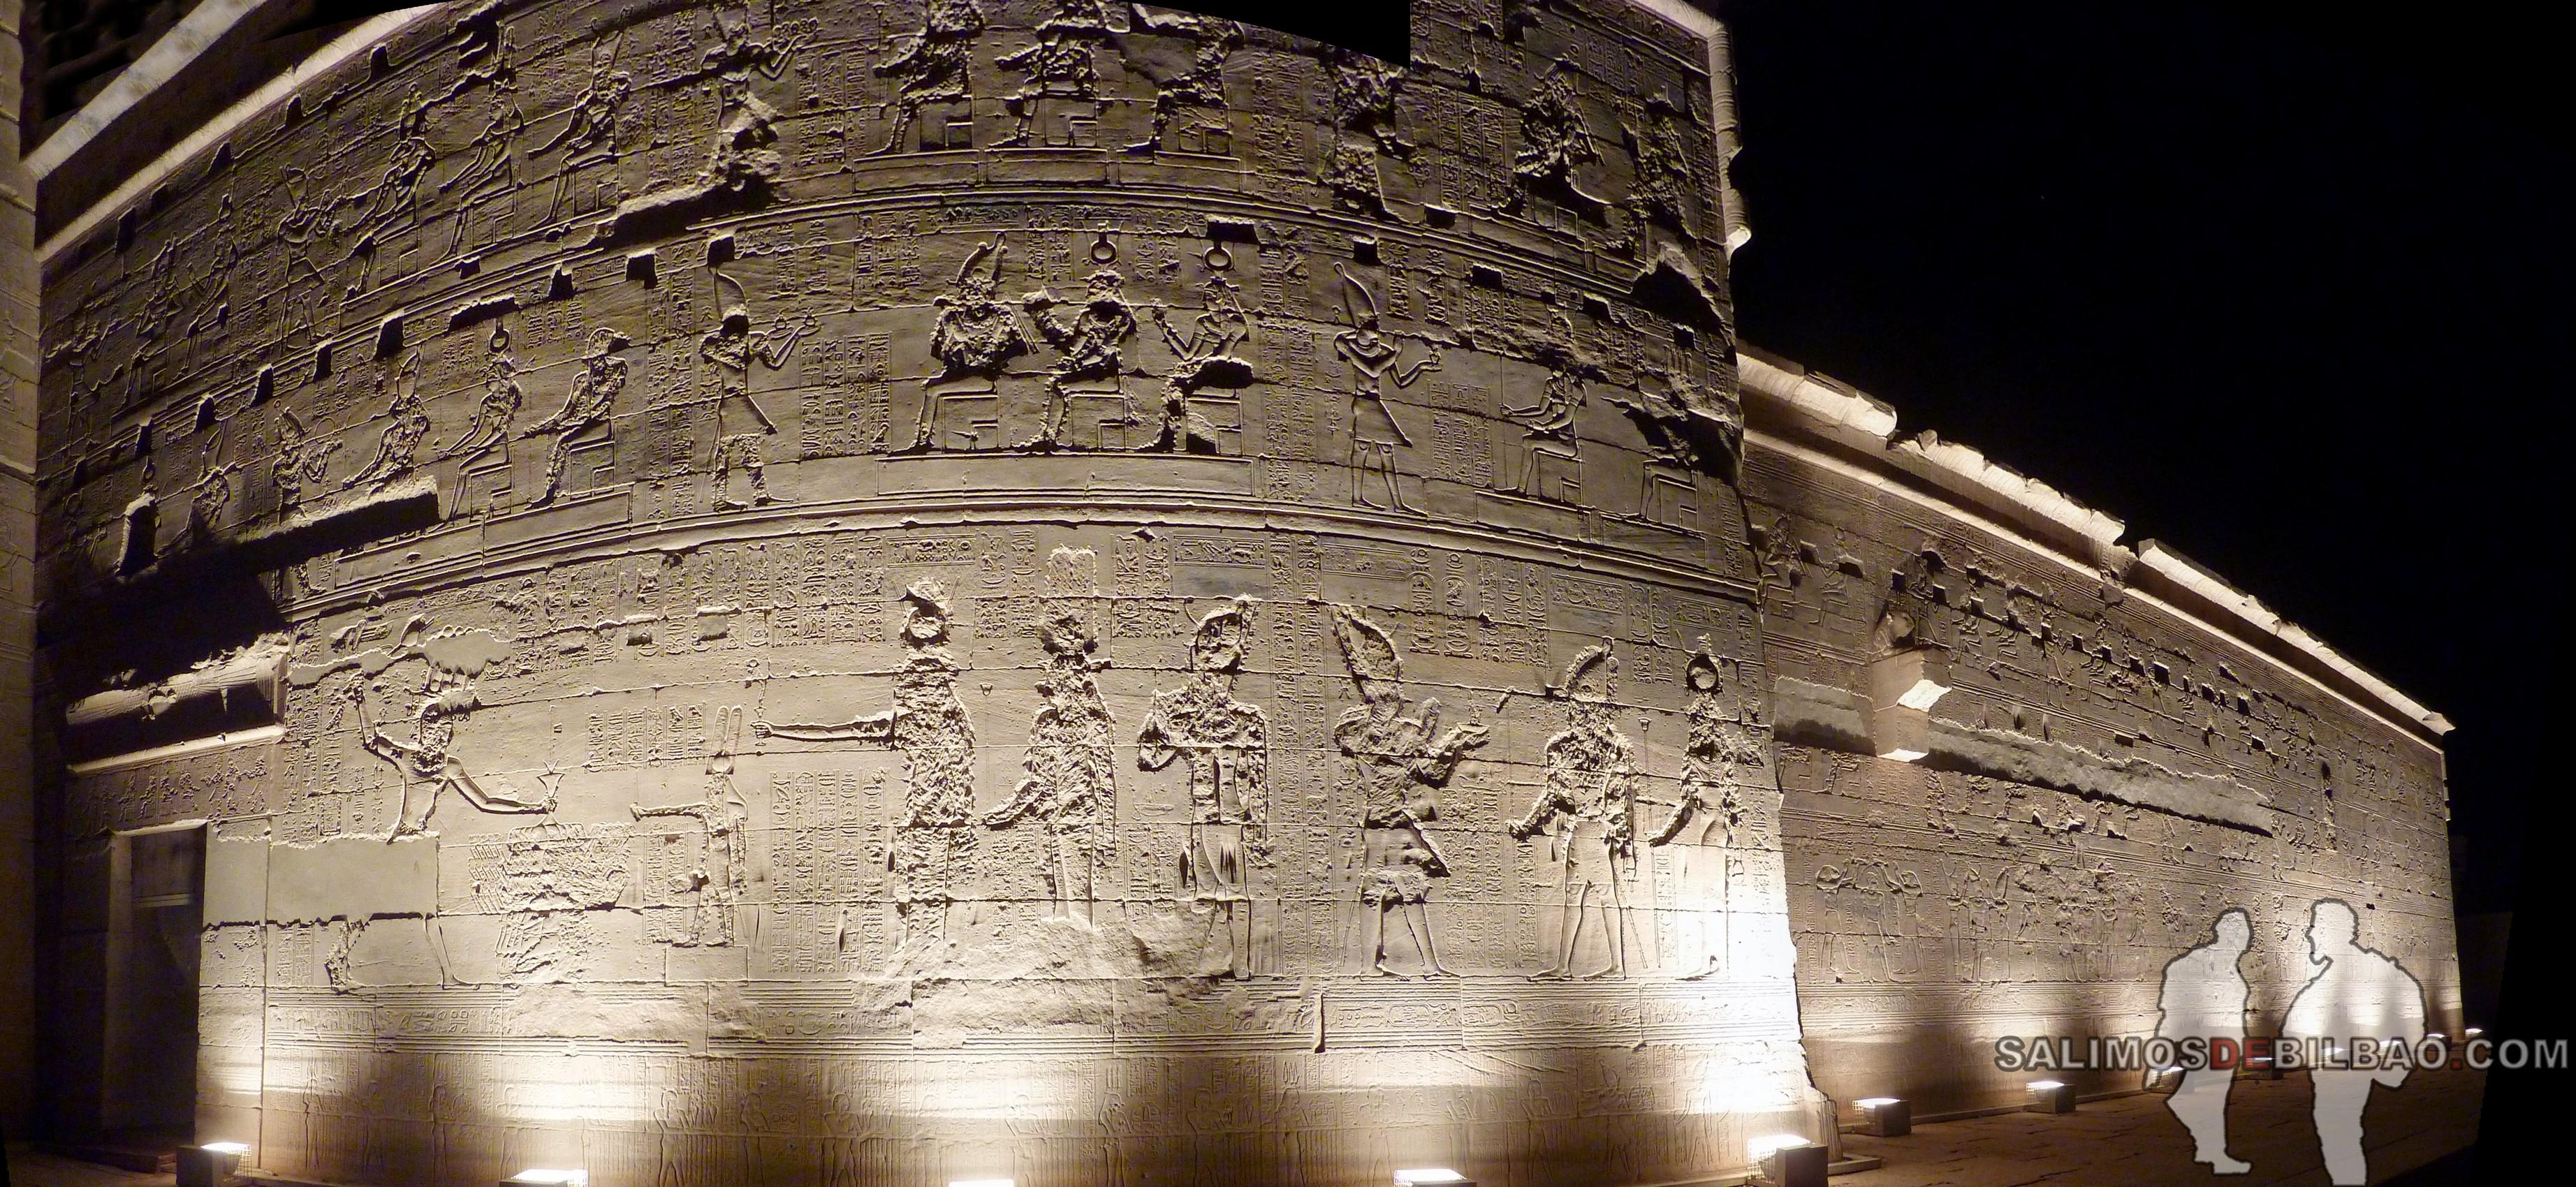 0561. Pano, Templo de Philae iluminado, Aswan